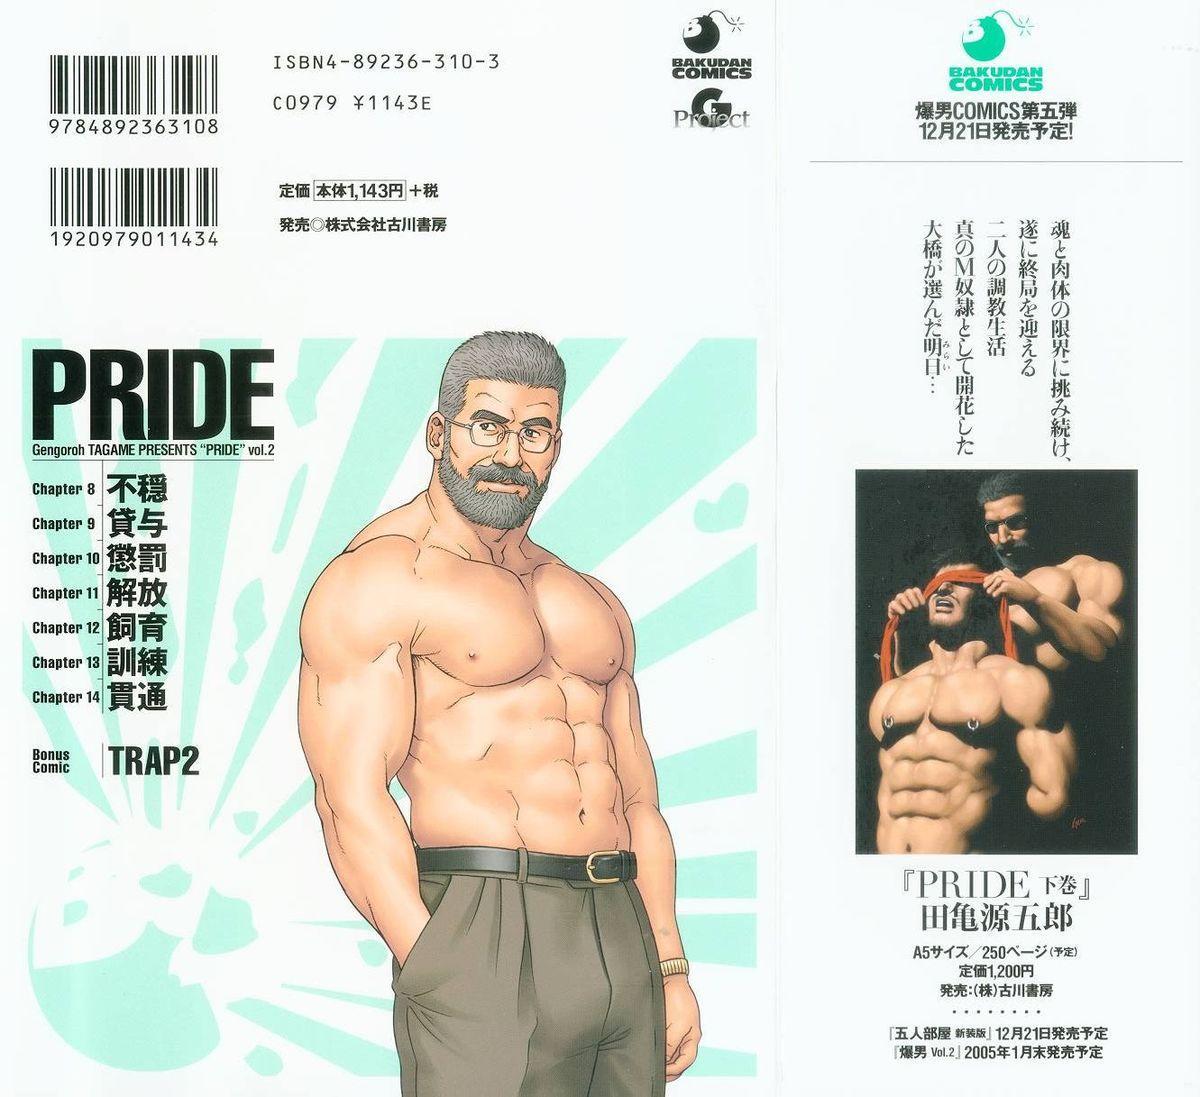 Pride VOL.2 1